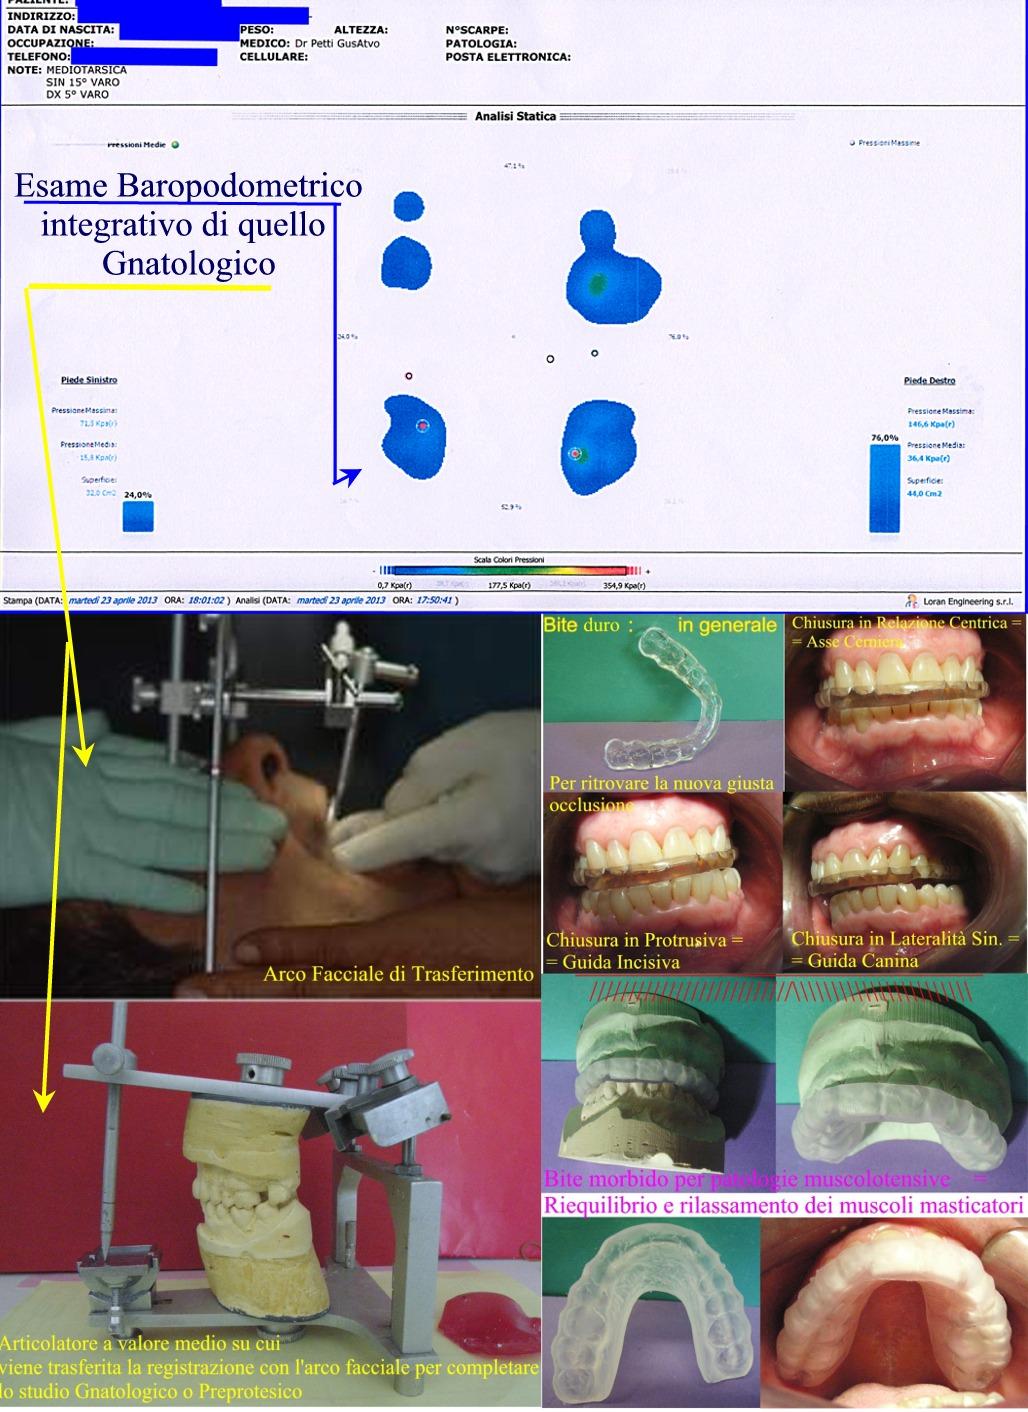 Valutaziona Gnatologica con Arco Facciale di Trasferimento, diversi tipi di bite e Esame Statimetrico. Da Dr. Gustavo Petti Parodontologo e Gnatologo di Cagliari